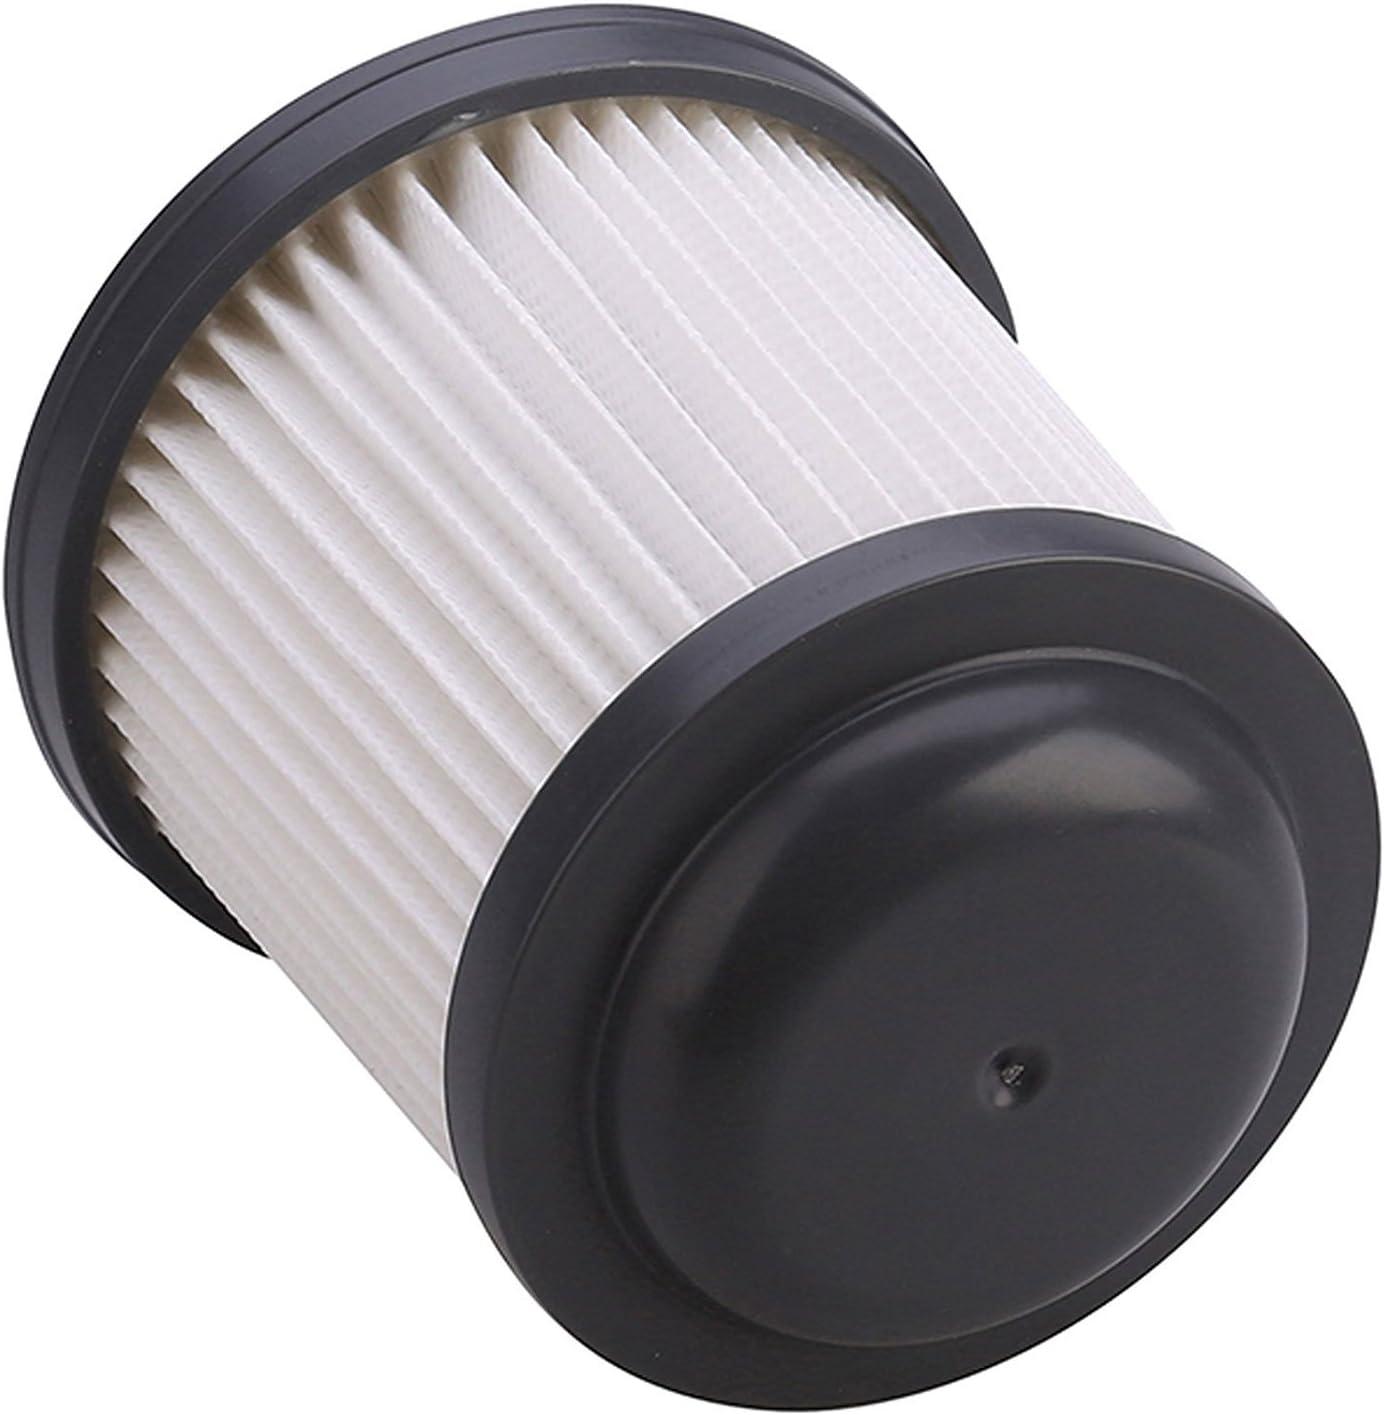 First4Spares Premium Filtro plisado de repuesto para Black & Decker Pivot Vac aspiradora: Amazon.es: Hogar